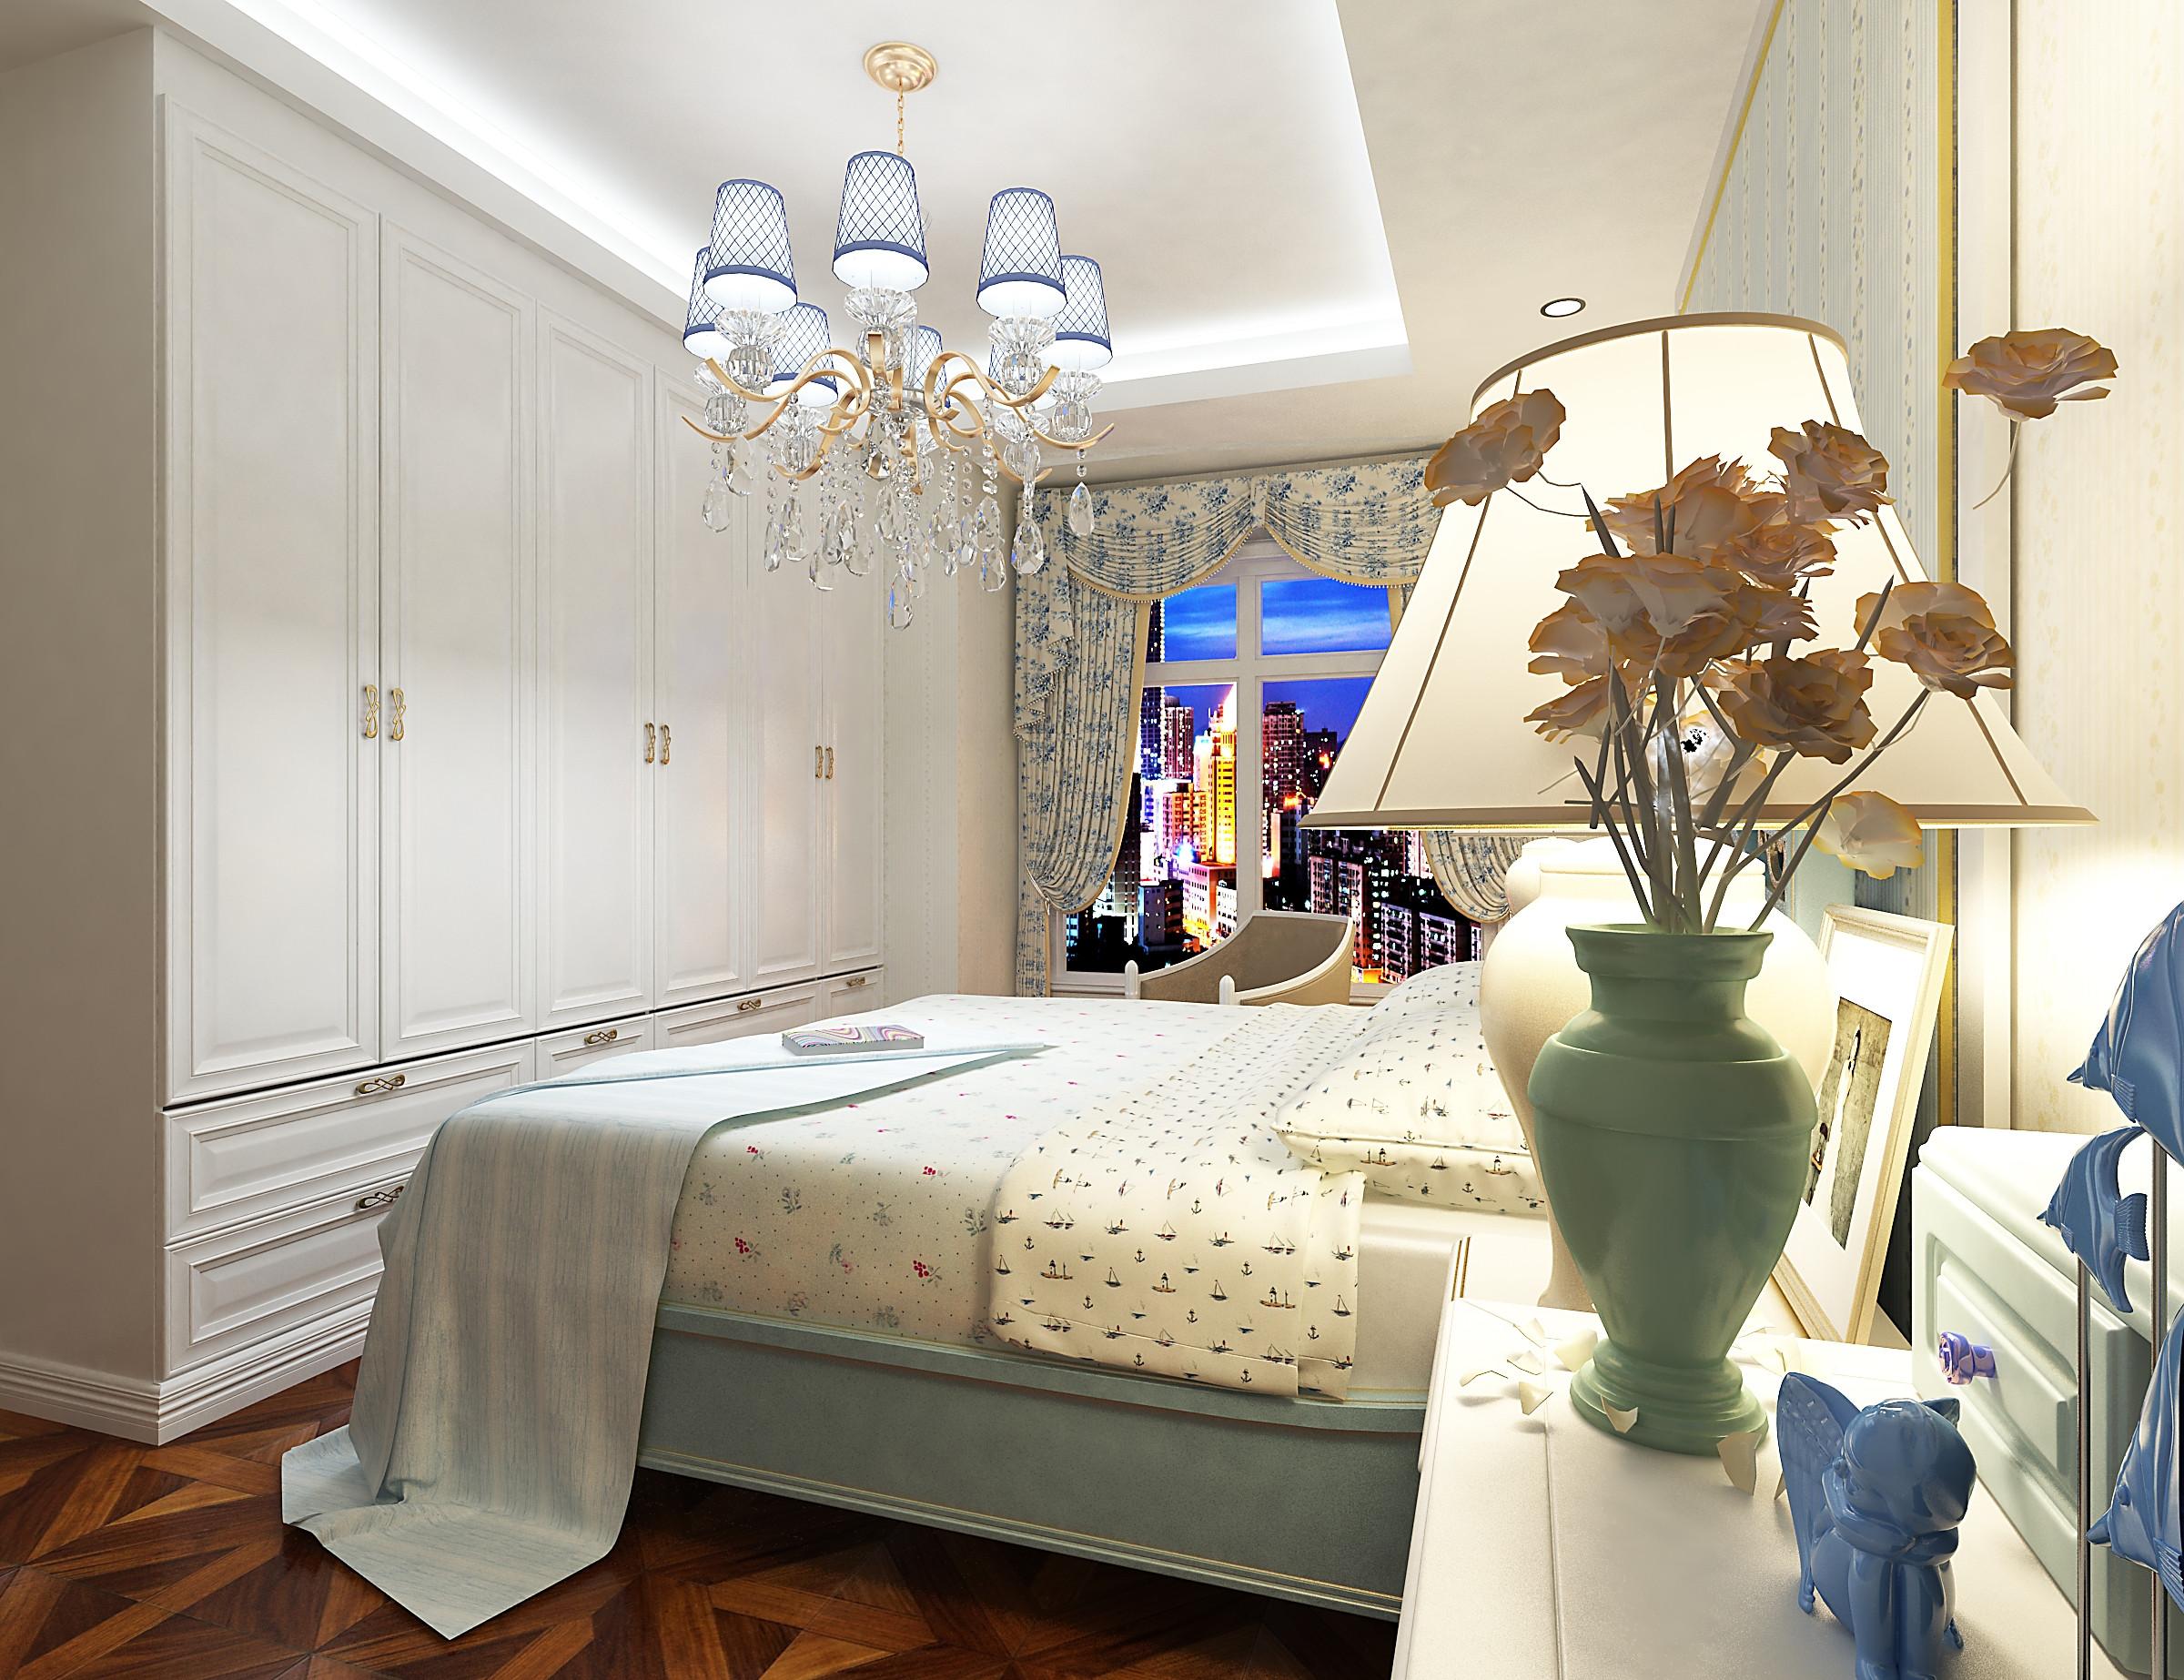 120㎡地中海风格装修卧室效果图